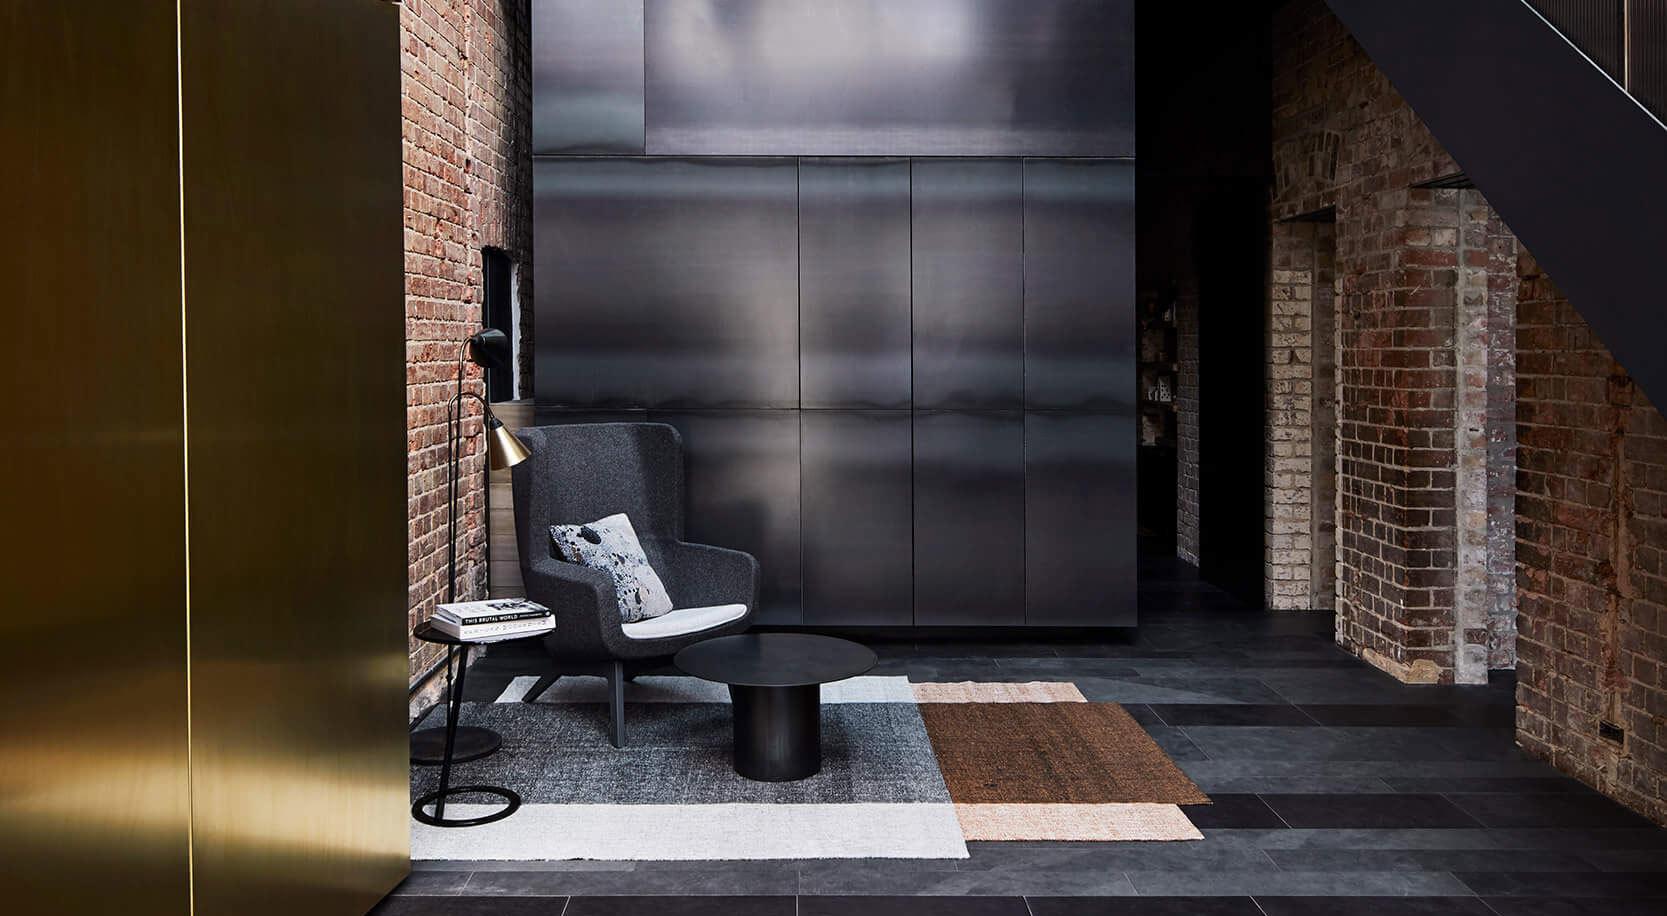 Mit einem Leerraum in der Mitte und unvollkommenen Materialien gestaltete Splinter Society ein Wohnhaus in Melbourne, das seine ganze Geschichte erzählt.